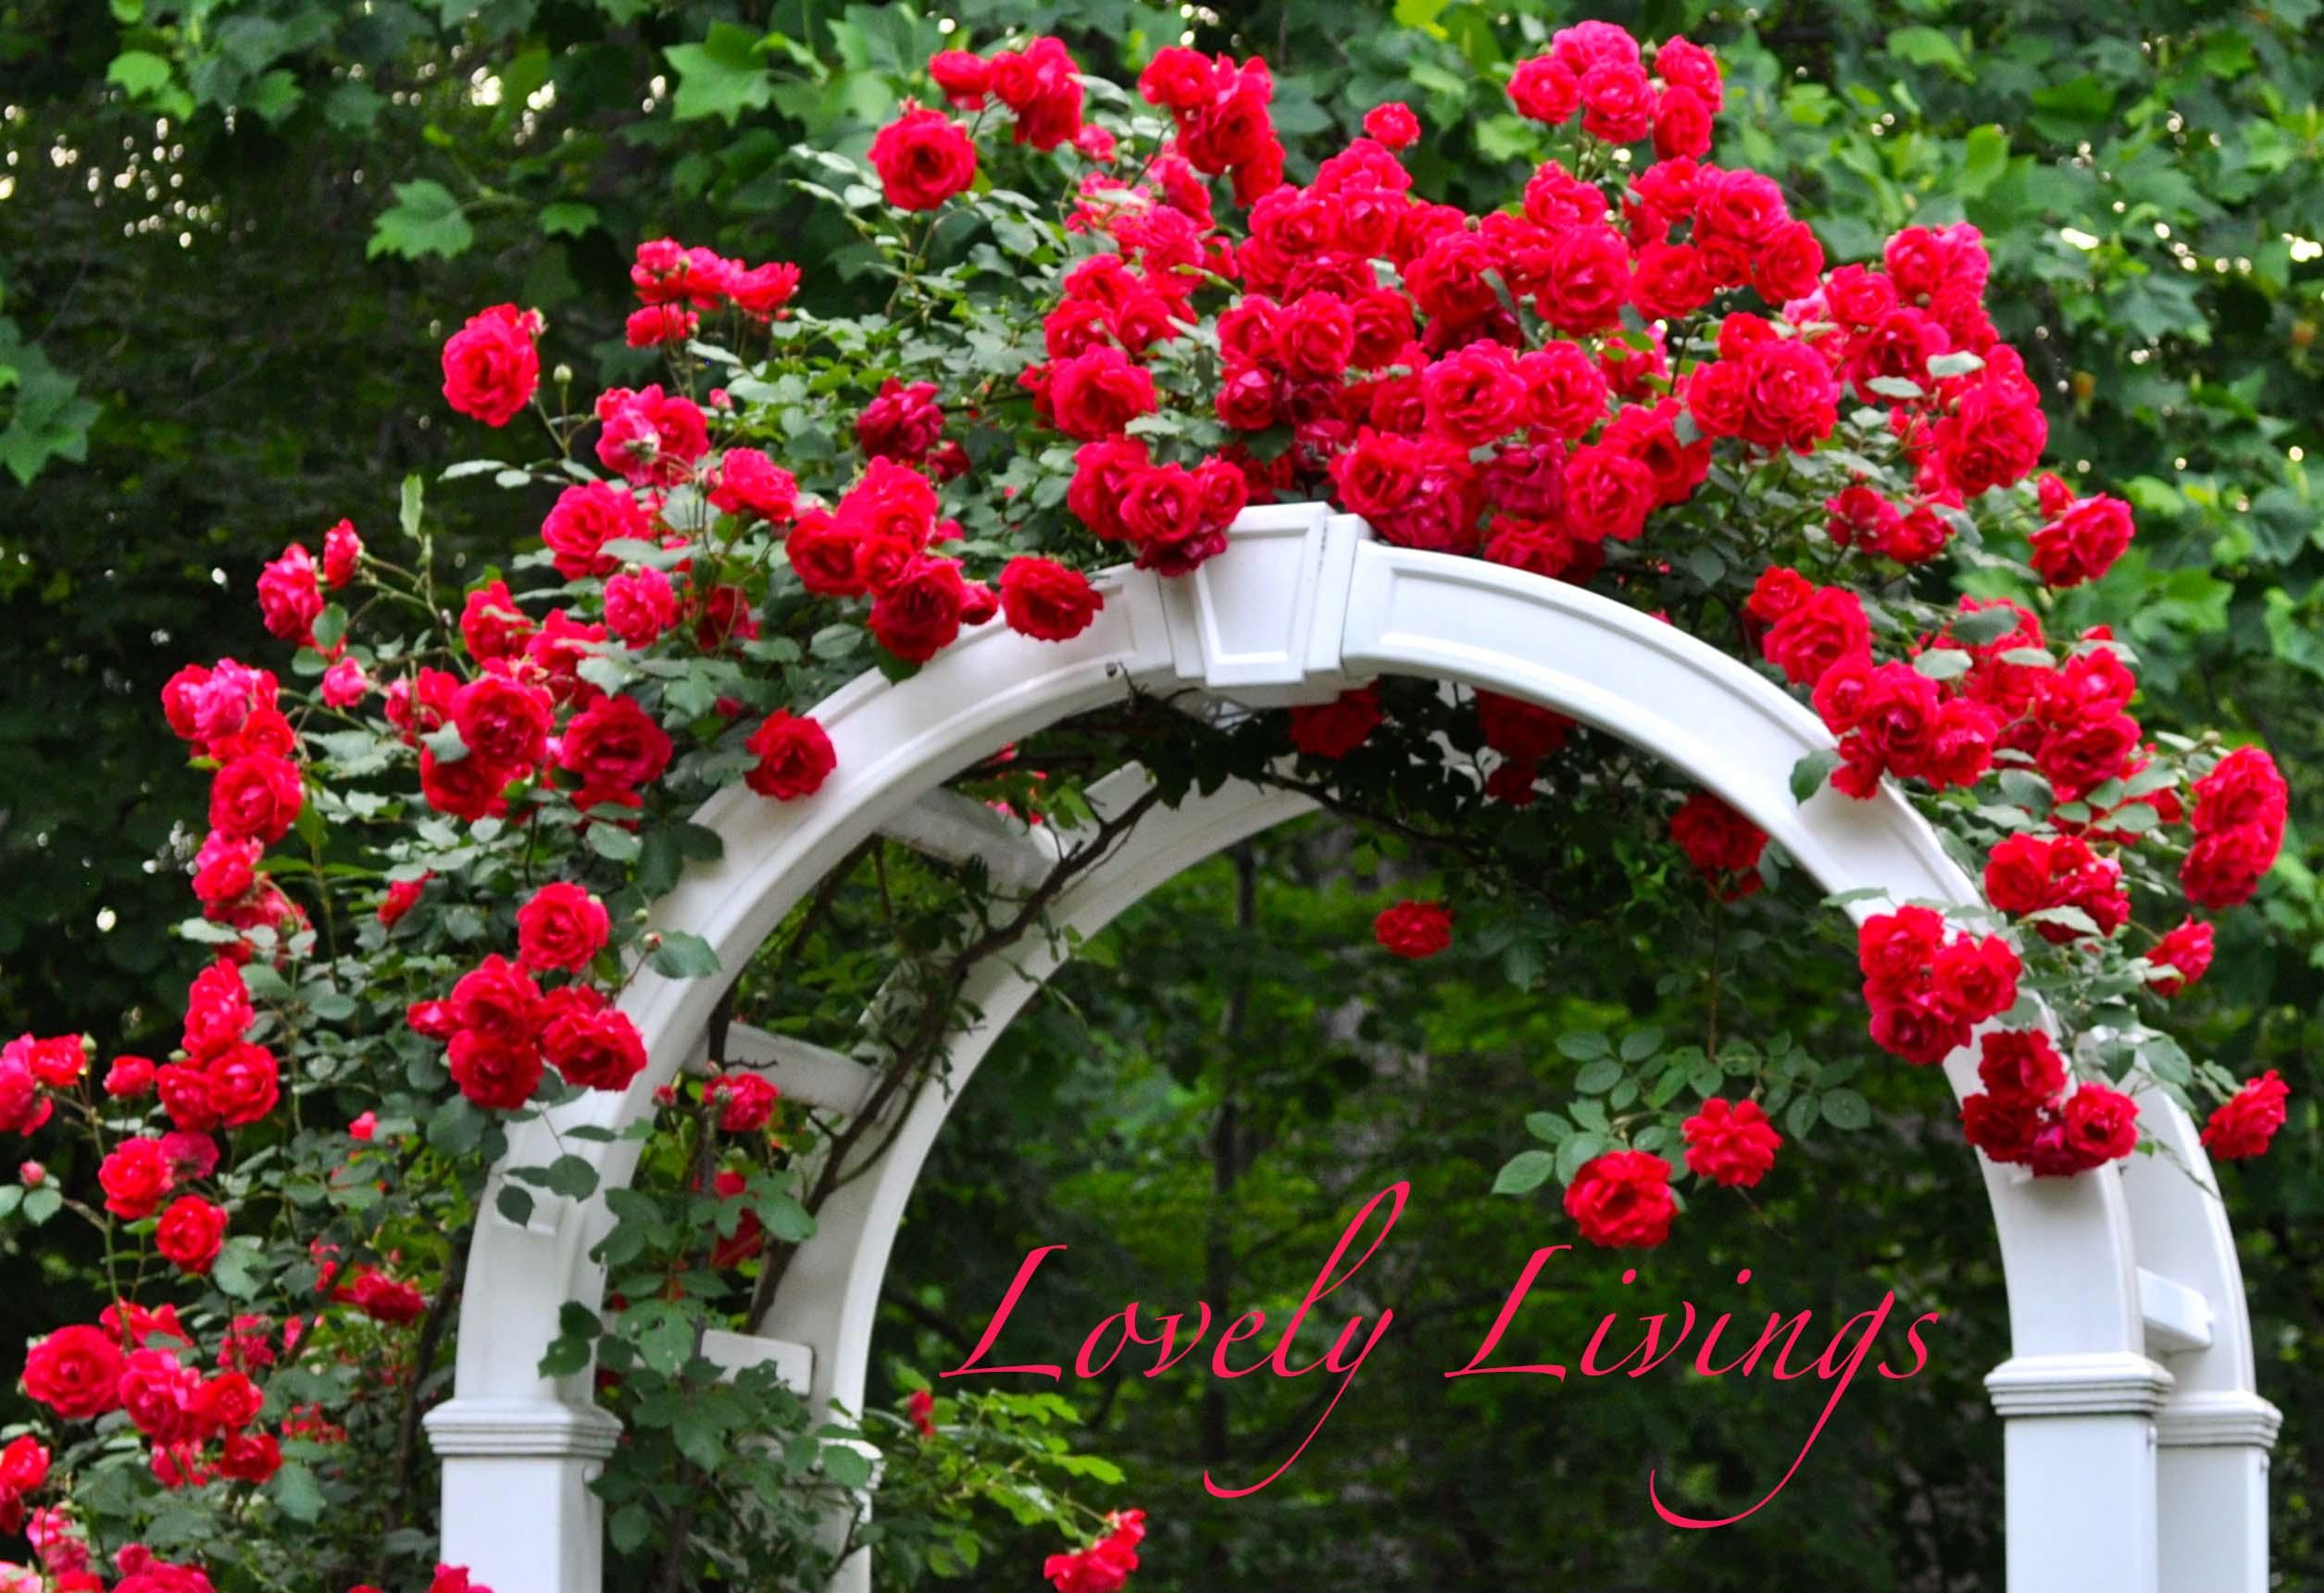 lovely roses |